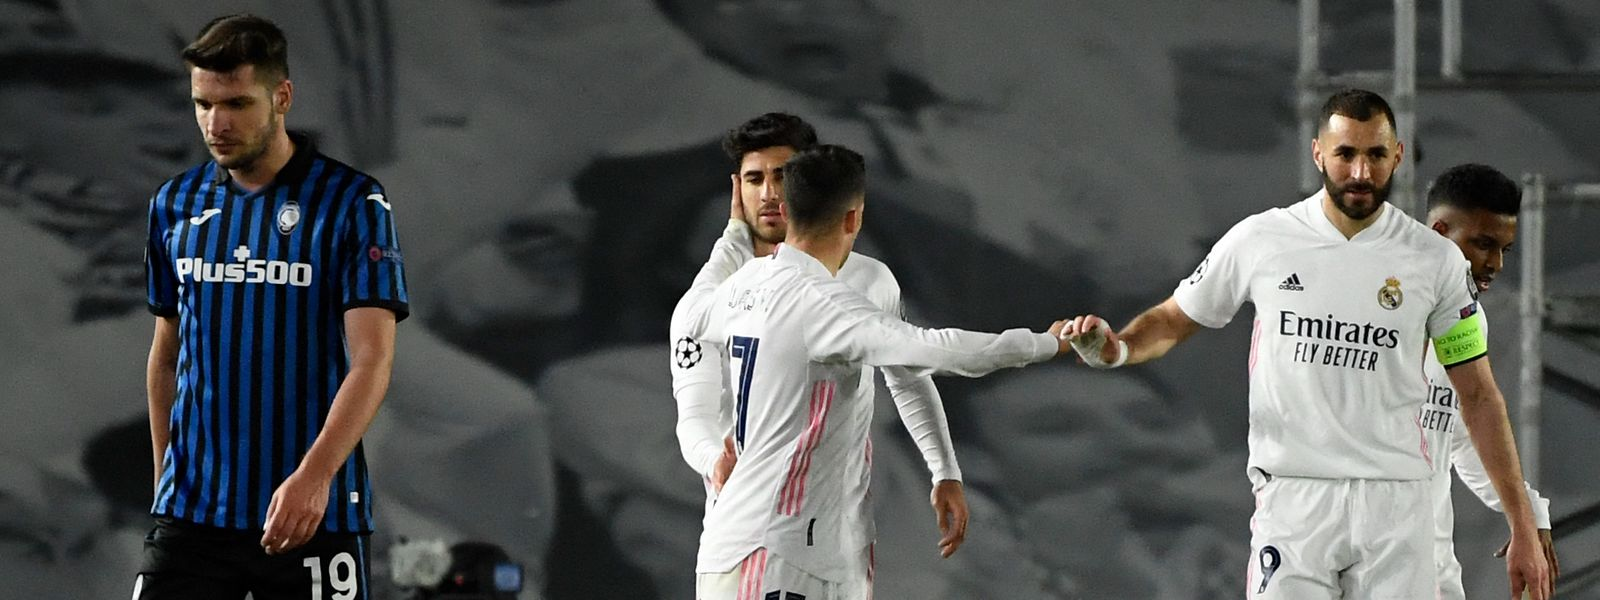 «Je joue à un poste où c'est moi qui dois terminer les actions. Donc tant mieux si j'arrive à aider mon équipe» confie le capitaine du Real à la fin du match.